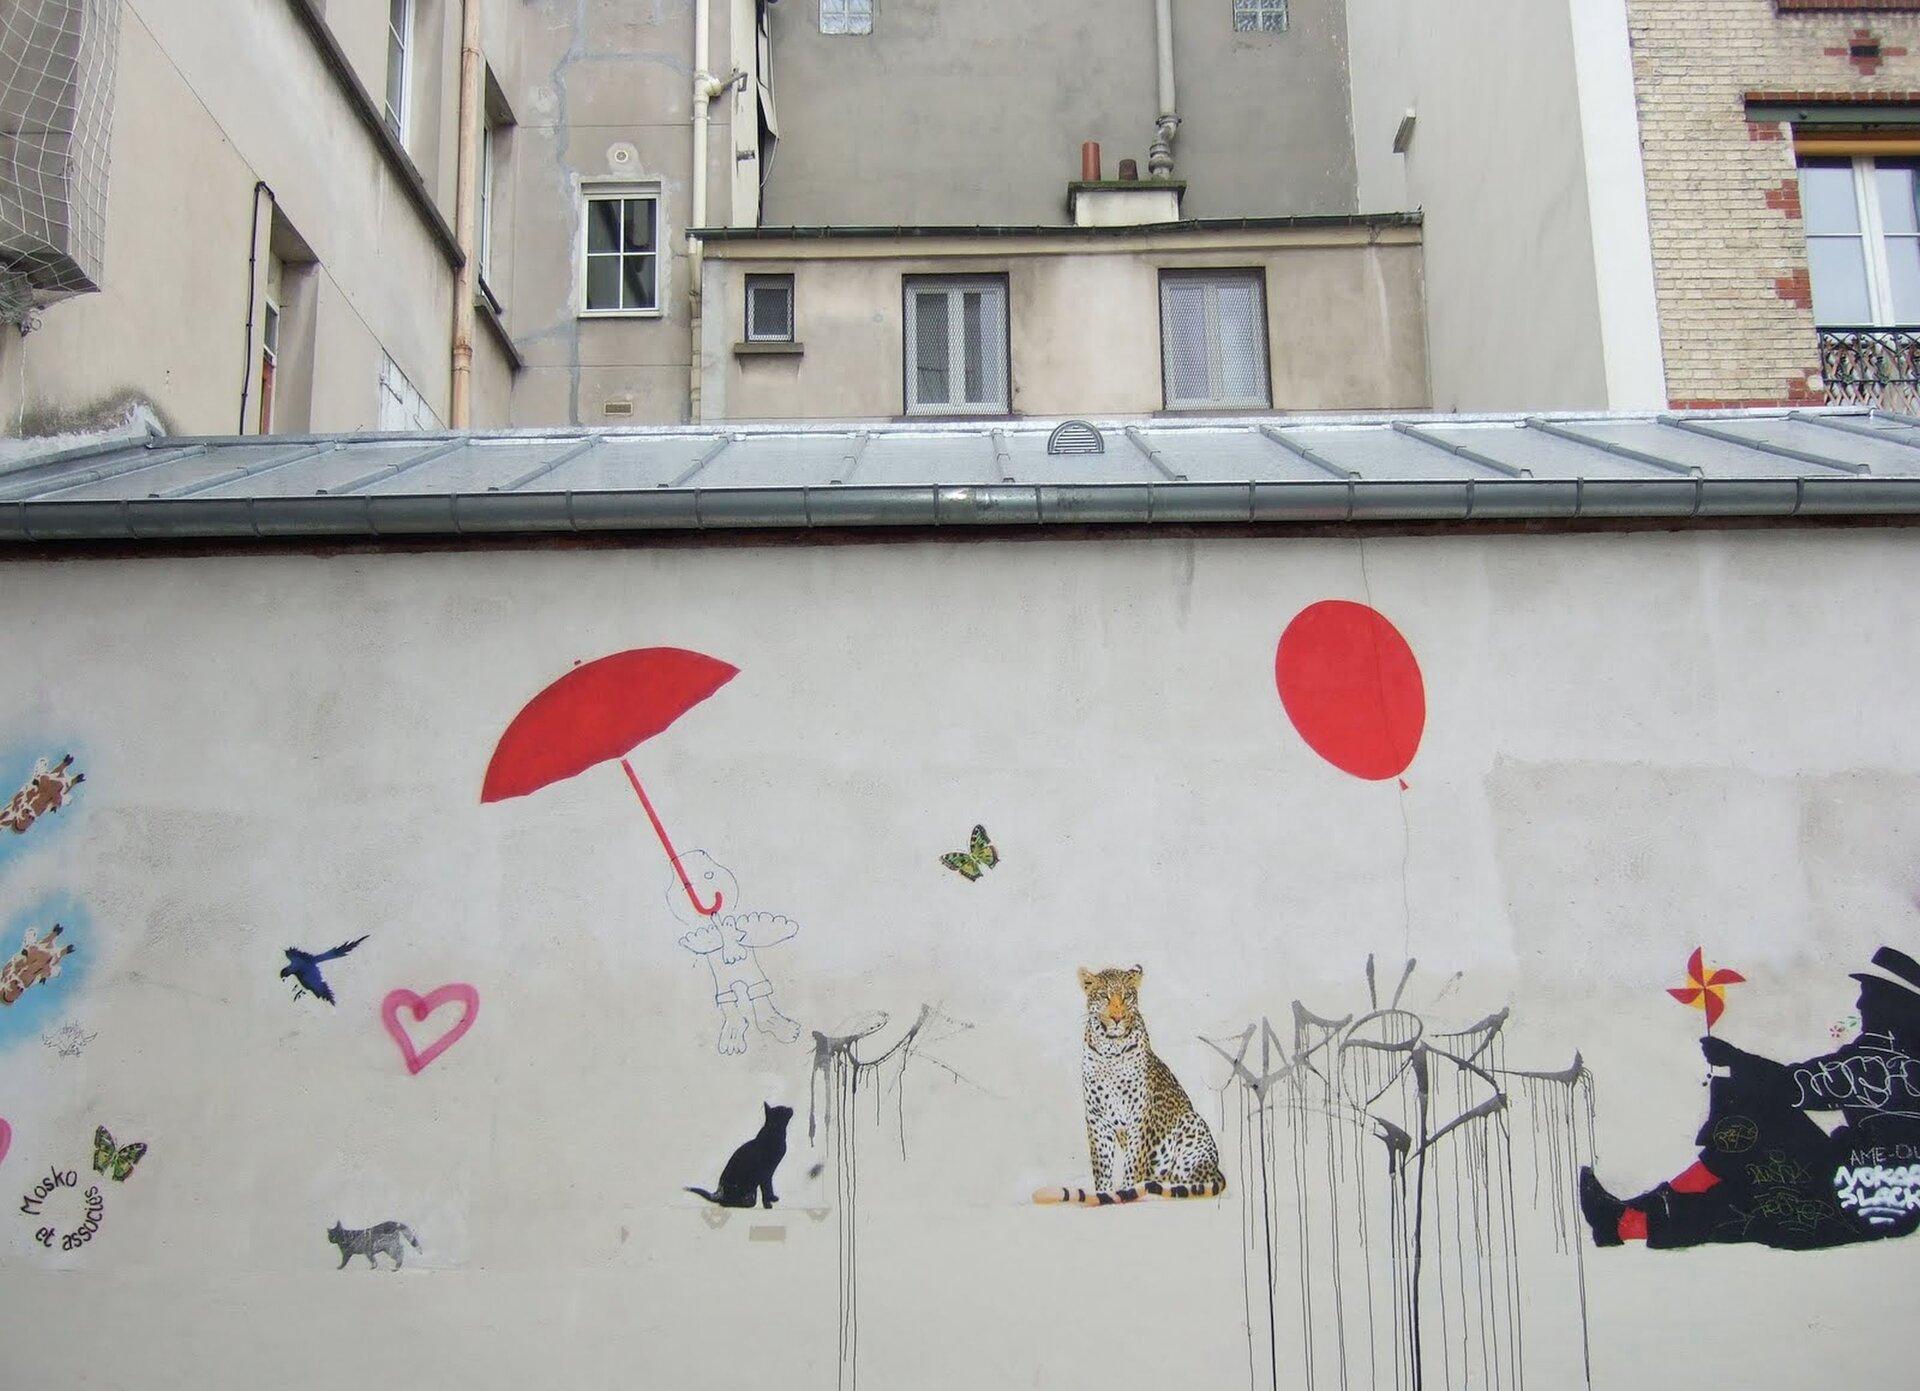 Ilustracja przestawia mural Mosko et Associes. Ukazuje namalowane na ścianie, swobodnie rozmieszczone: czerwone parasol ibalon, czarnego kota, tygrysa, ptaki, motyla isiedzącego mężczyznę. Za murem znajdują sie budynki.